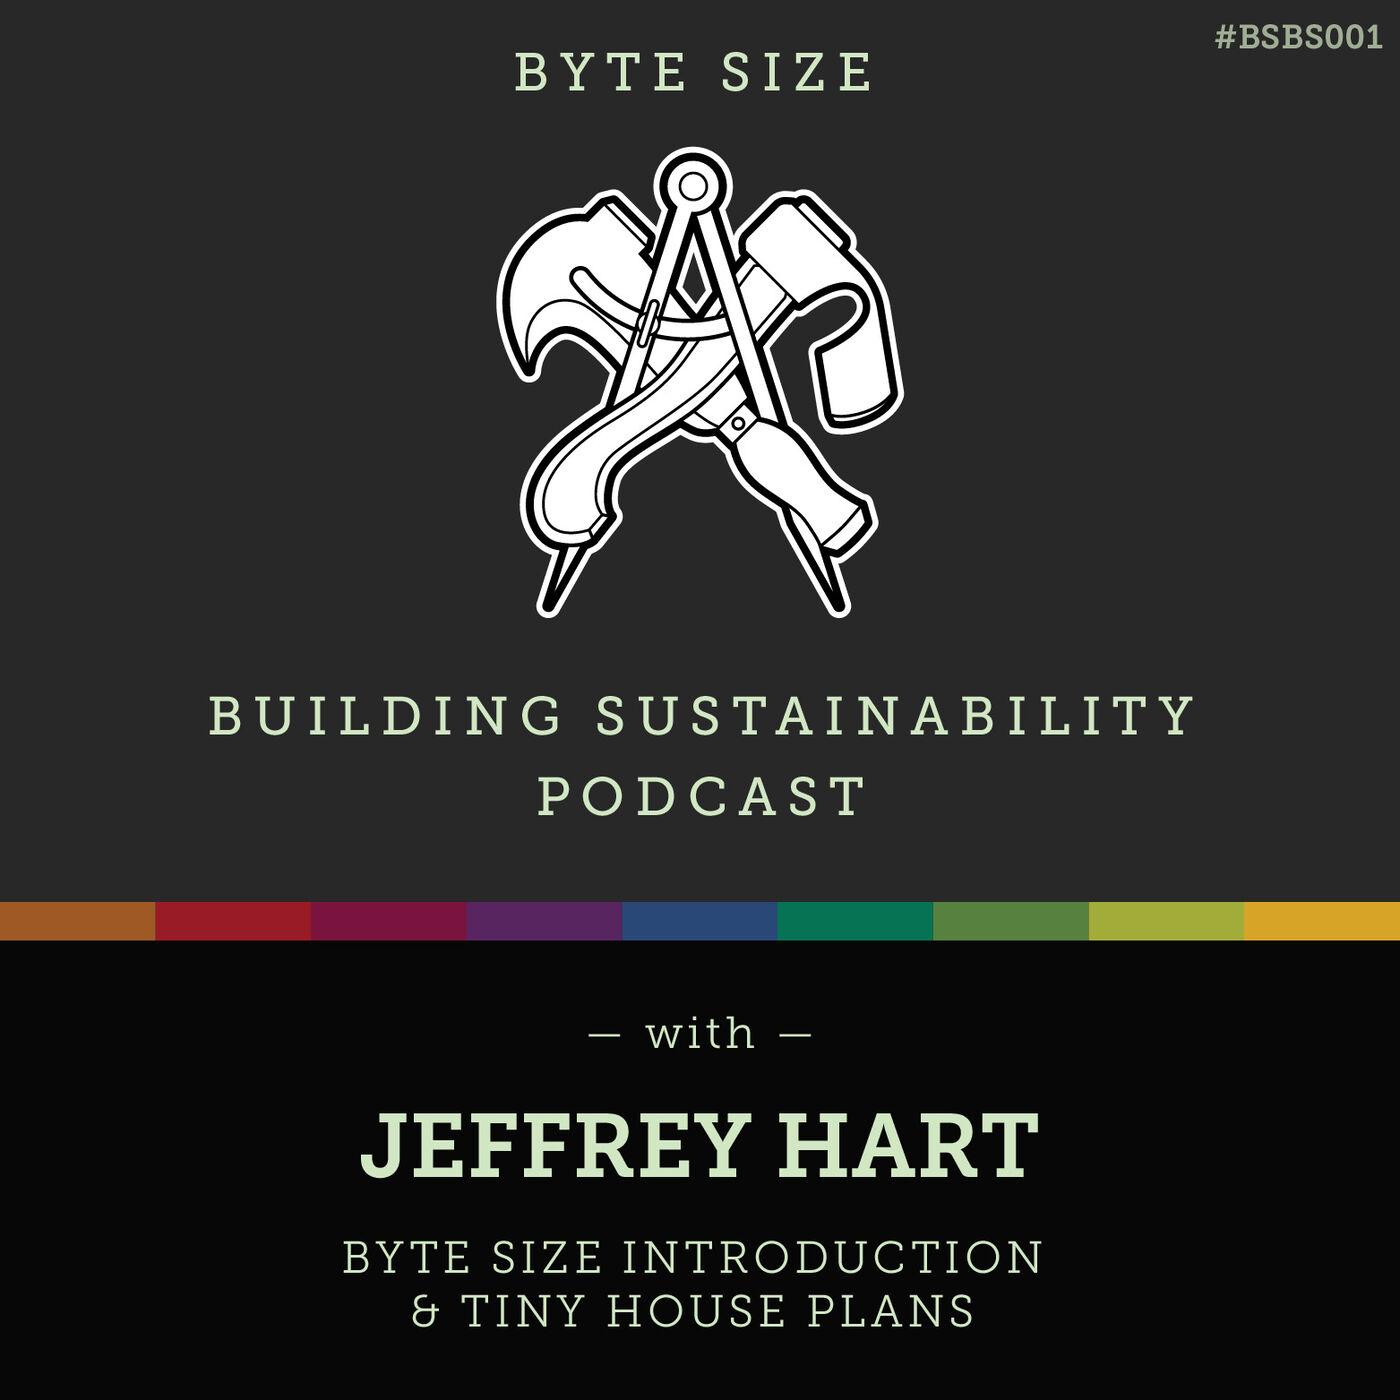 ByteSize - Introduction & Tiny House Plans - Jeffrey Hart - BSBS001